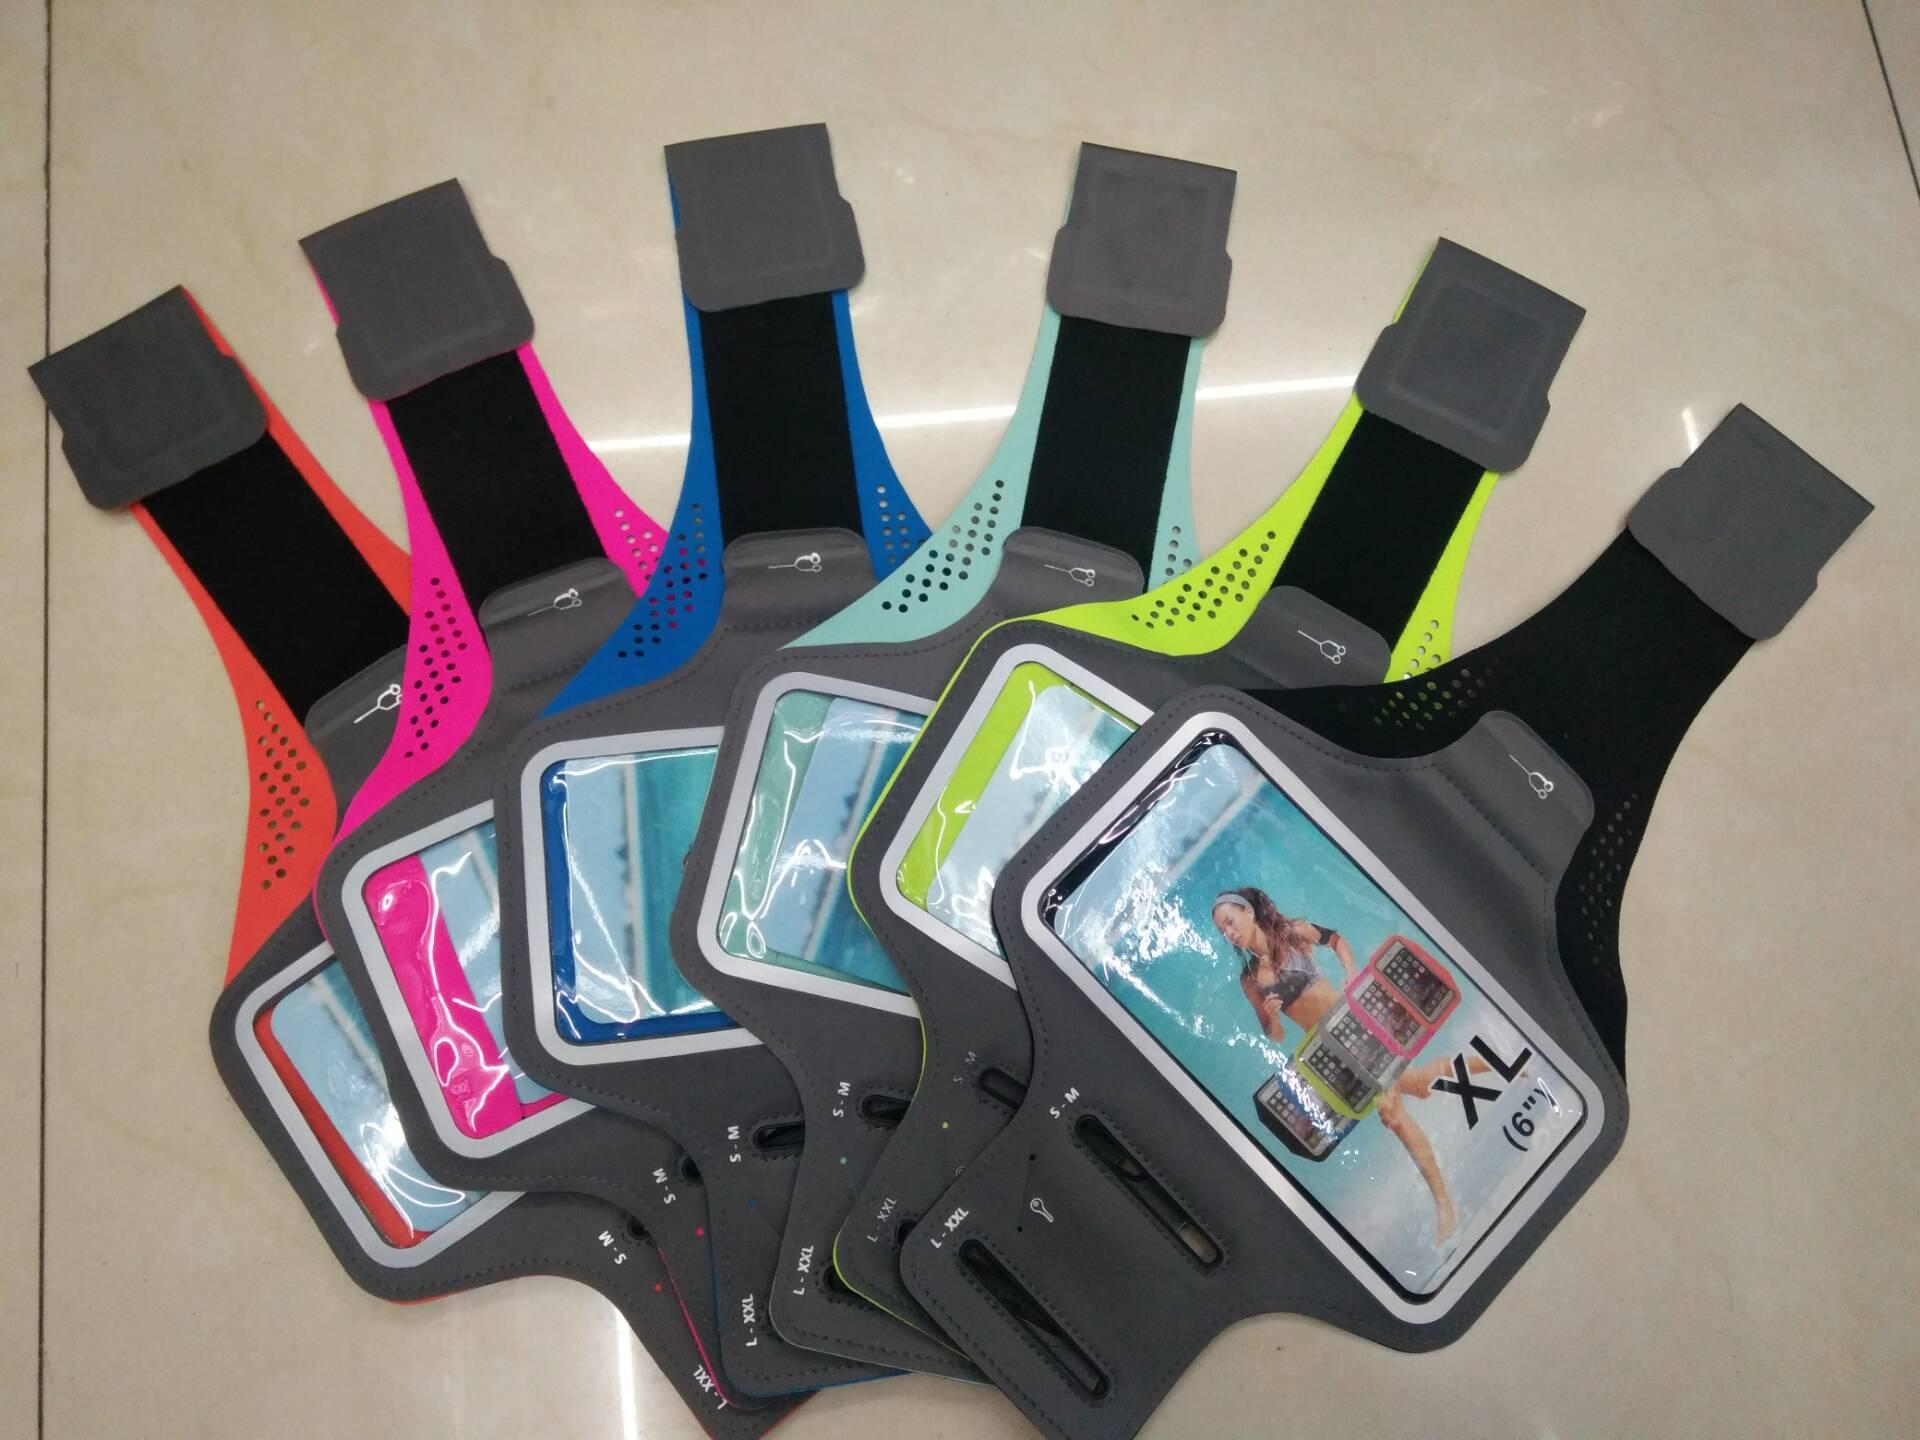 户外运动臂包跑步健身手机防水臂带弹性透气收纳防盗手腕包批发